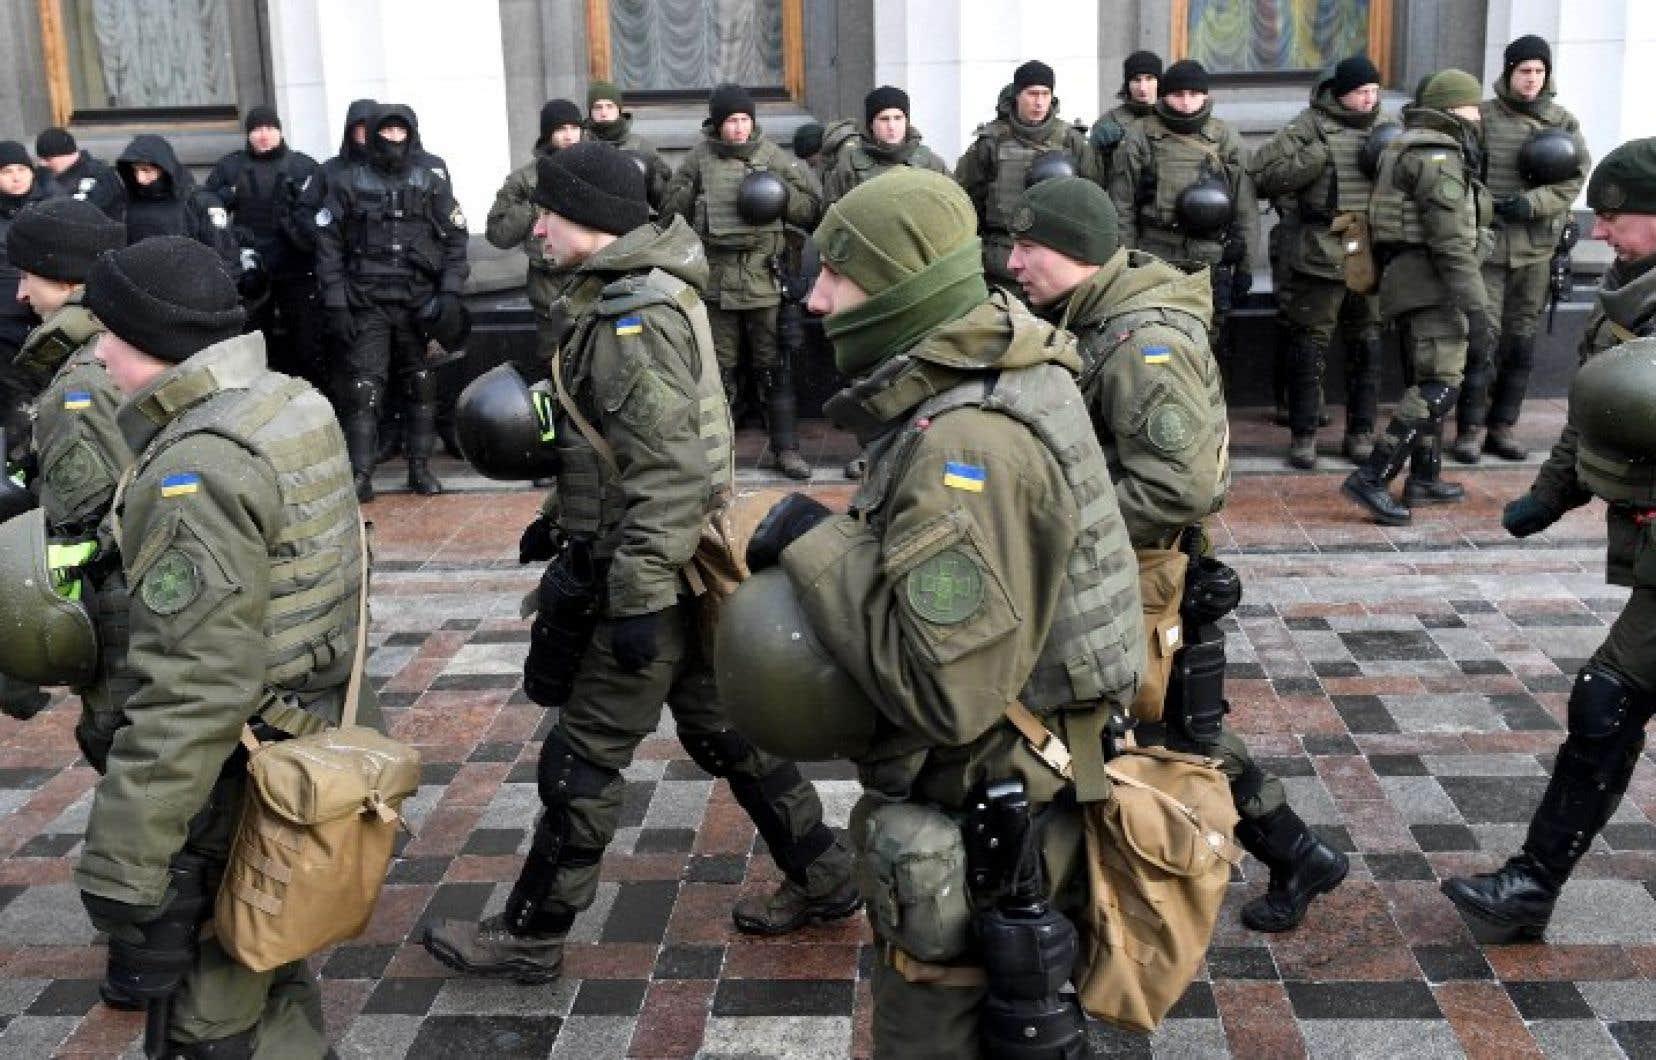 Avec l'adoption de cette loi, le président ukrainien, Petro Porochenko, «se dote de pouvoirs illimités proches de ceux d'un dictateur pour réprimer toute contestation»,a estimé le ministère russe des Affaires étrangères.